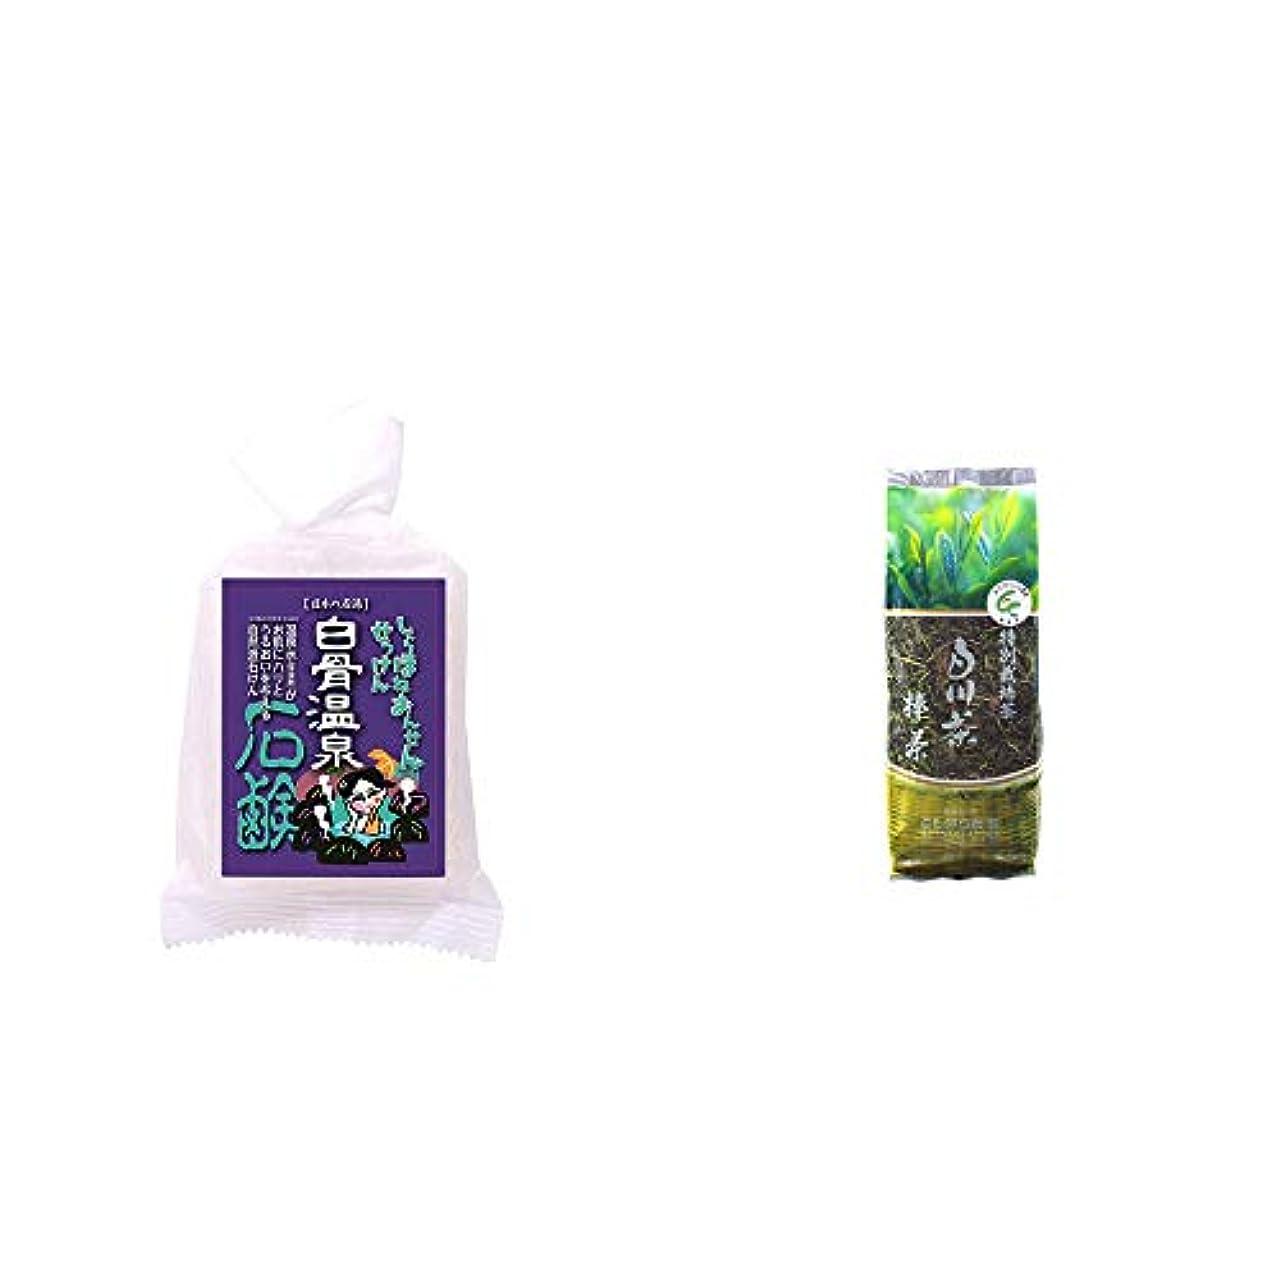 コンセンサス思想五[2点セット] 信州 白骨温泉石鹸(80g)?白川茶 特別栽培茶【棒茶】(150g)